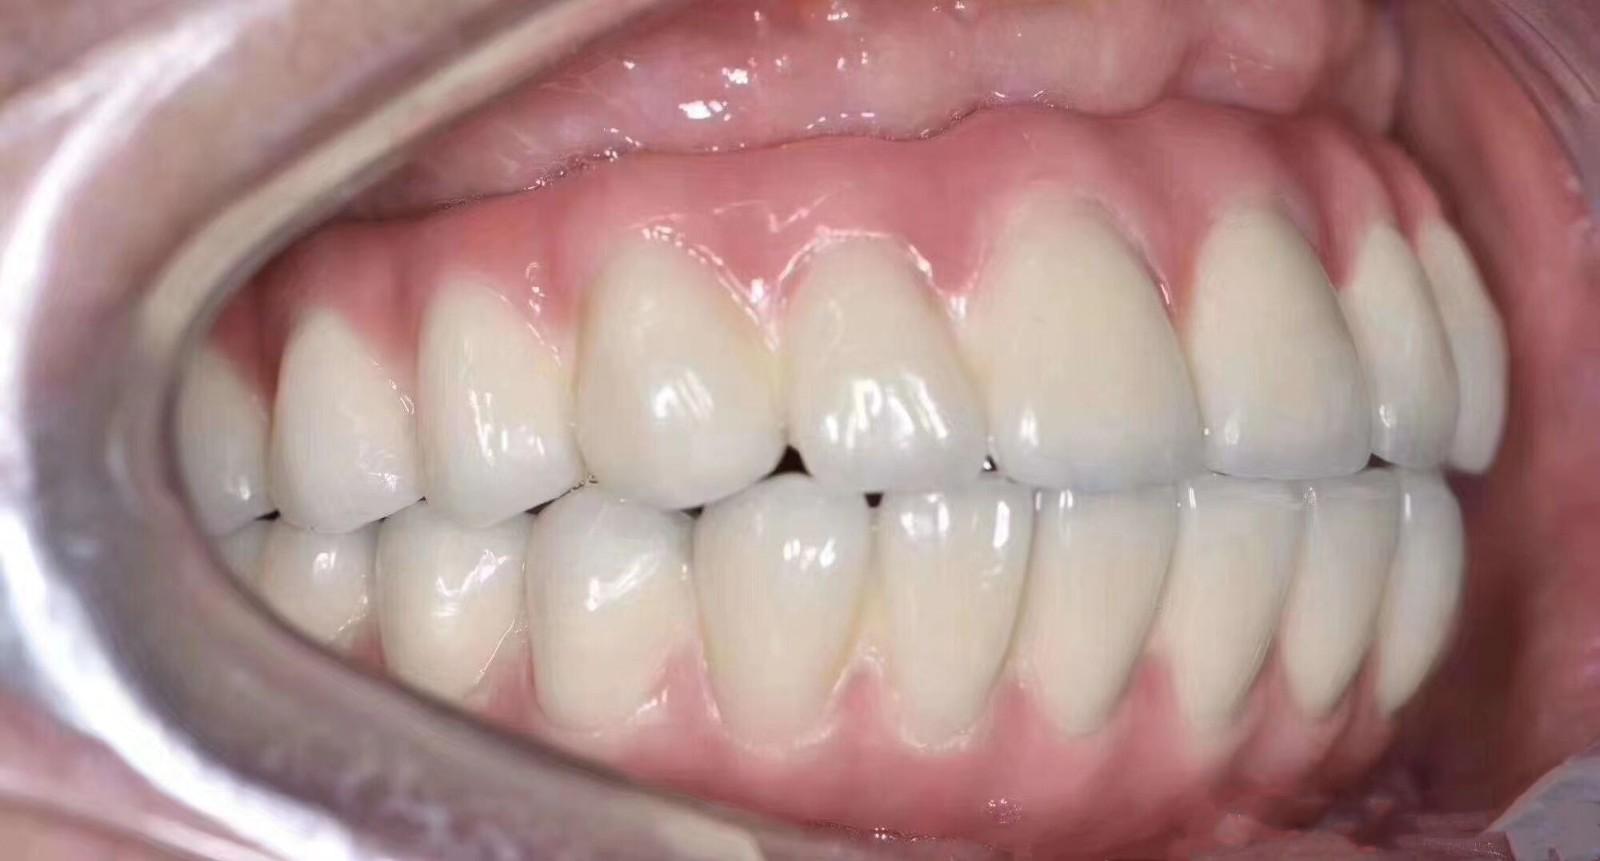 牙周病满口没牙不想活了?沈阳的全口即刻种植牙3h恢复咀嚼